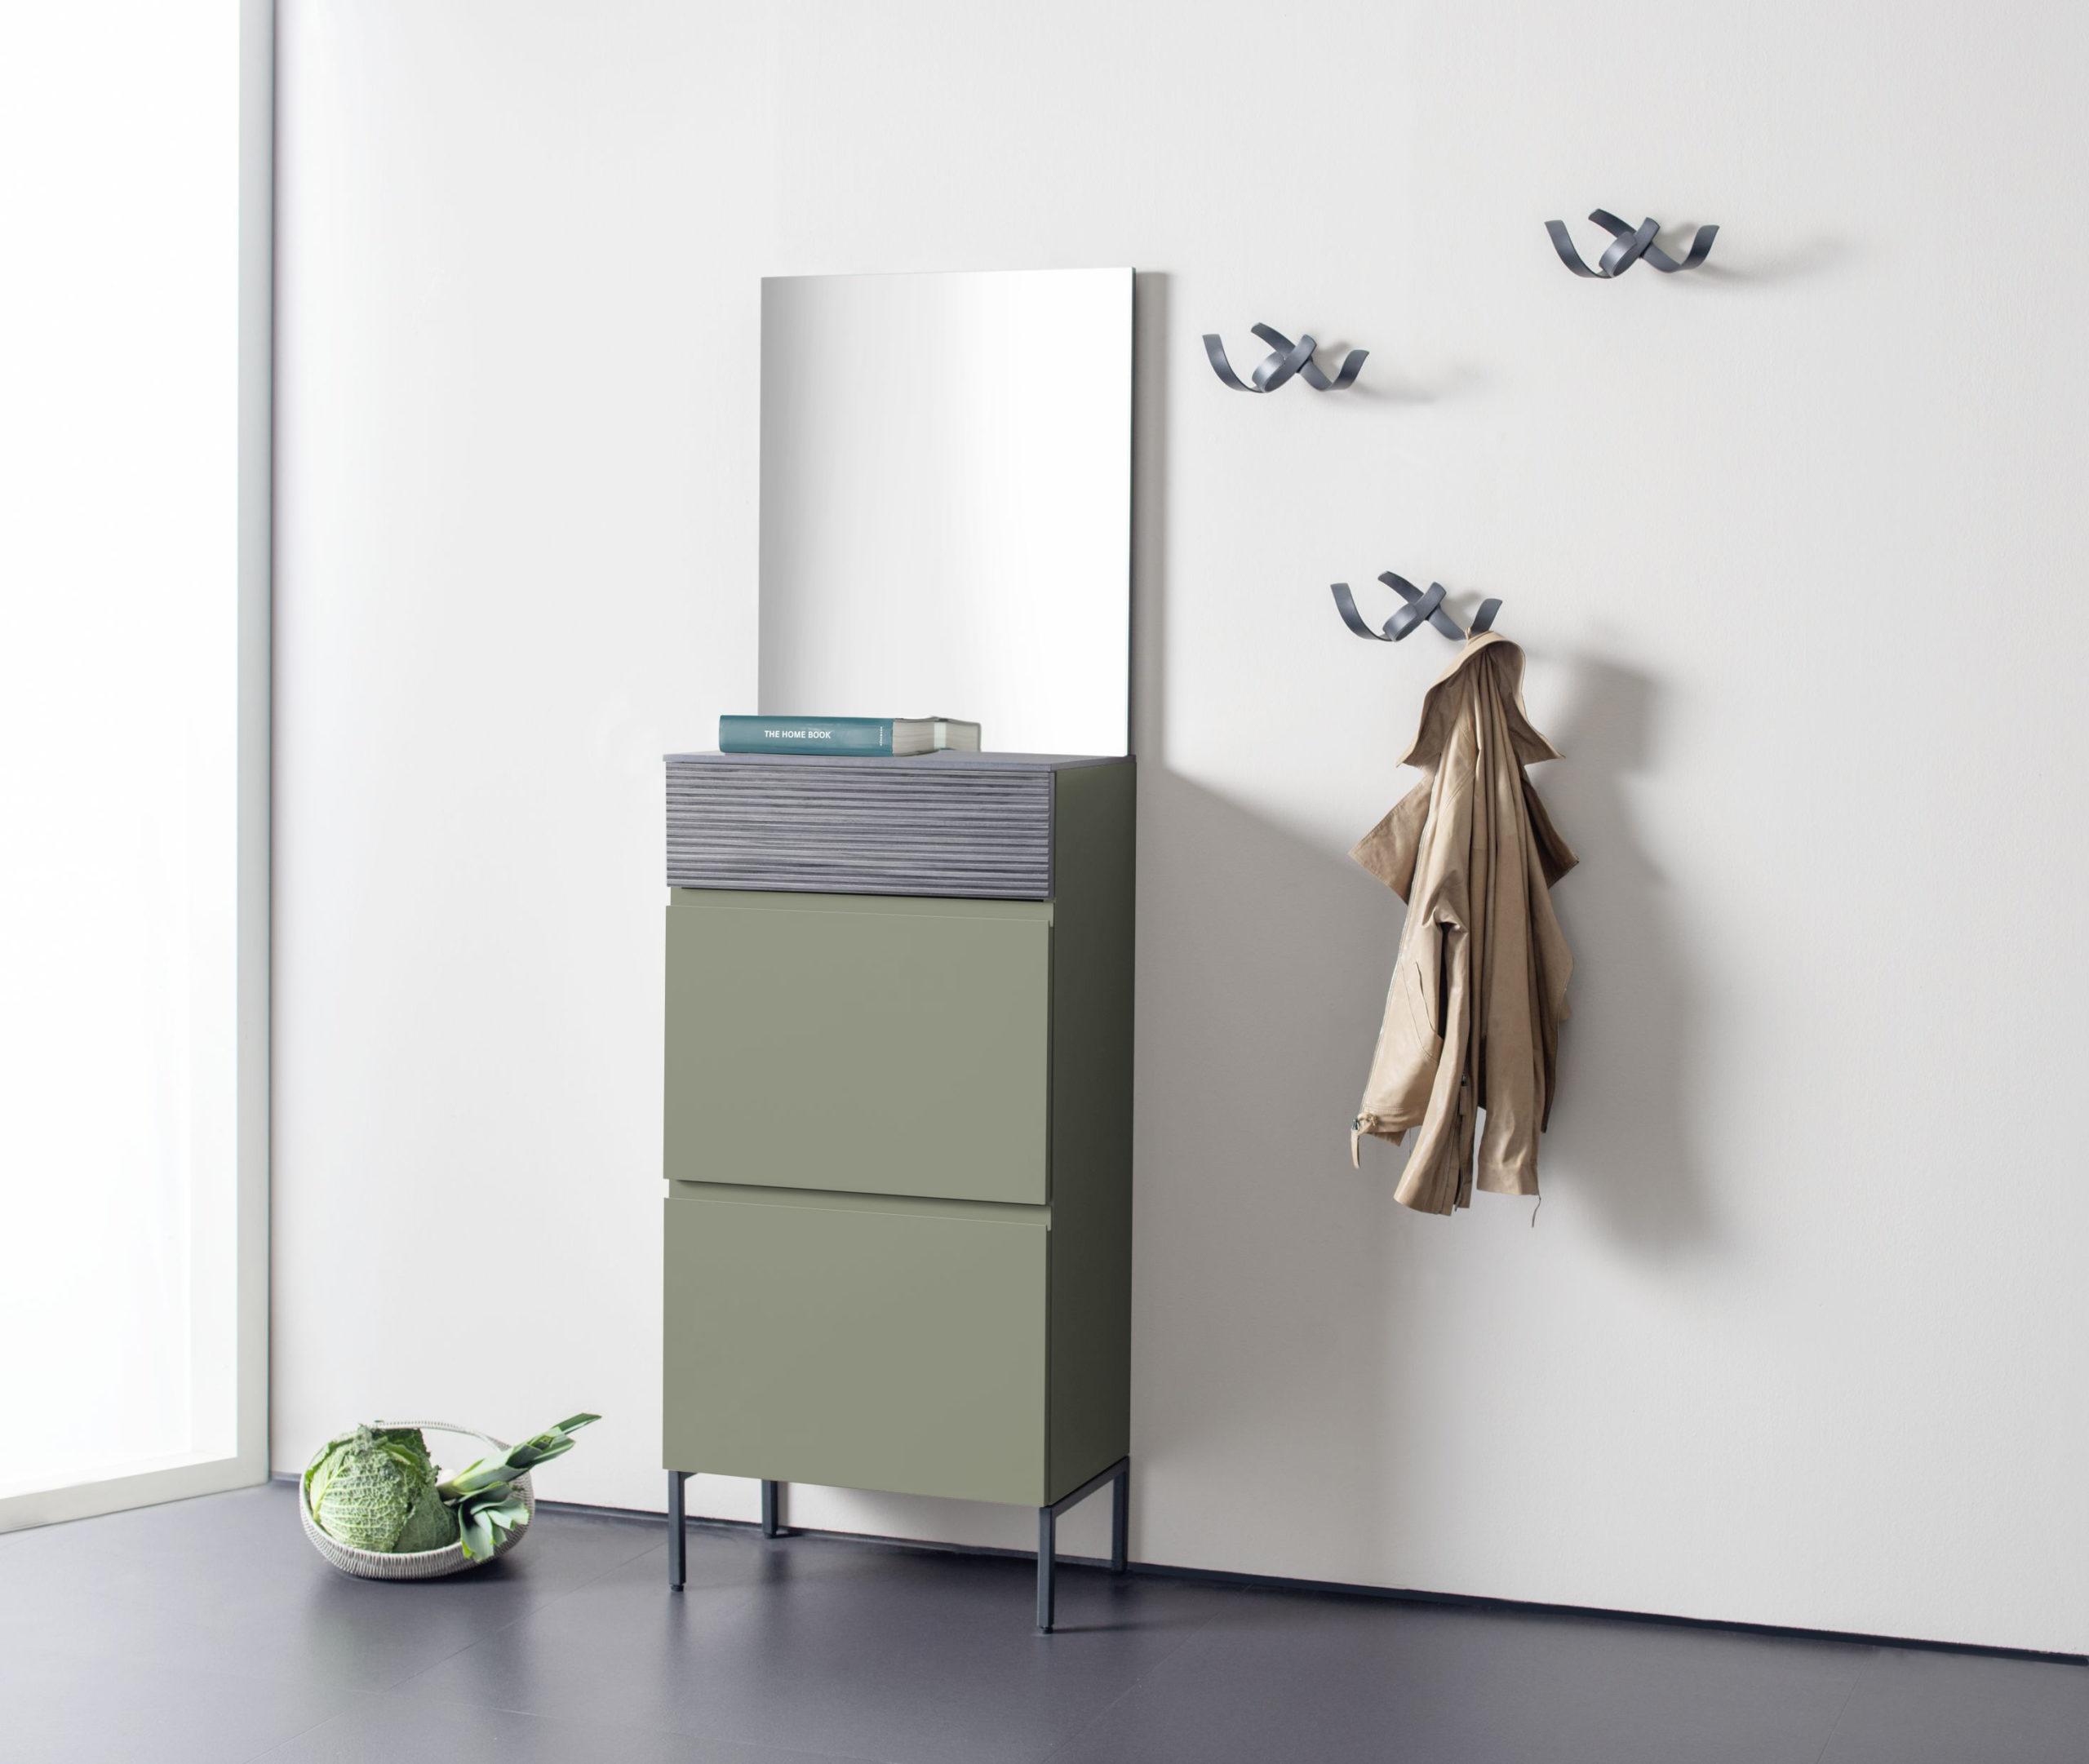 Sudbrock TANDO Garderobe 59 mit Holz-Akzent Eiche anthrazit in der Lack-Ausführung salbei #417